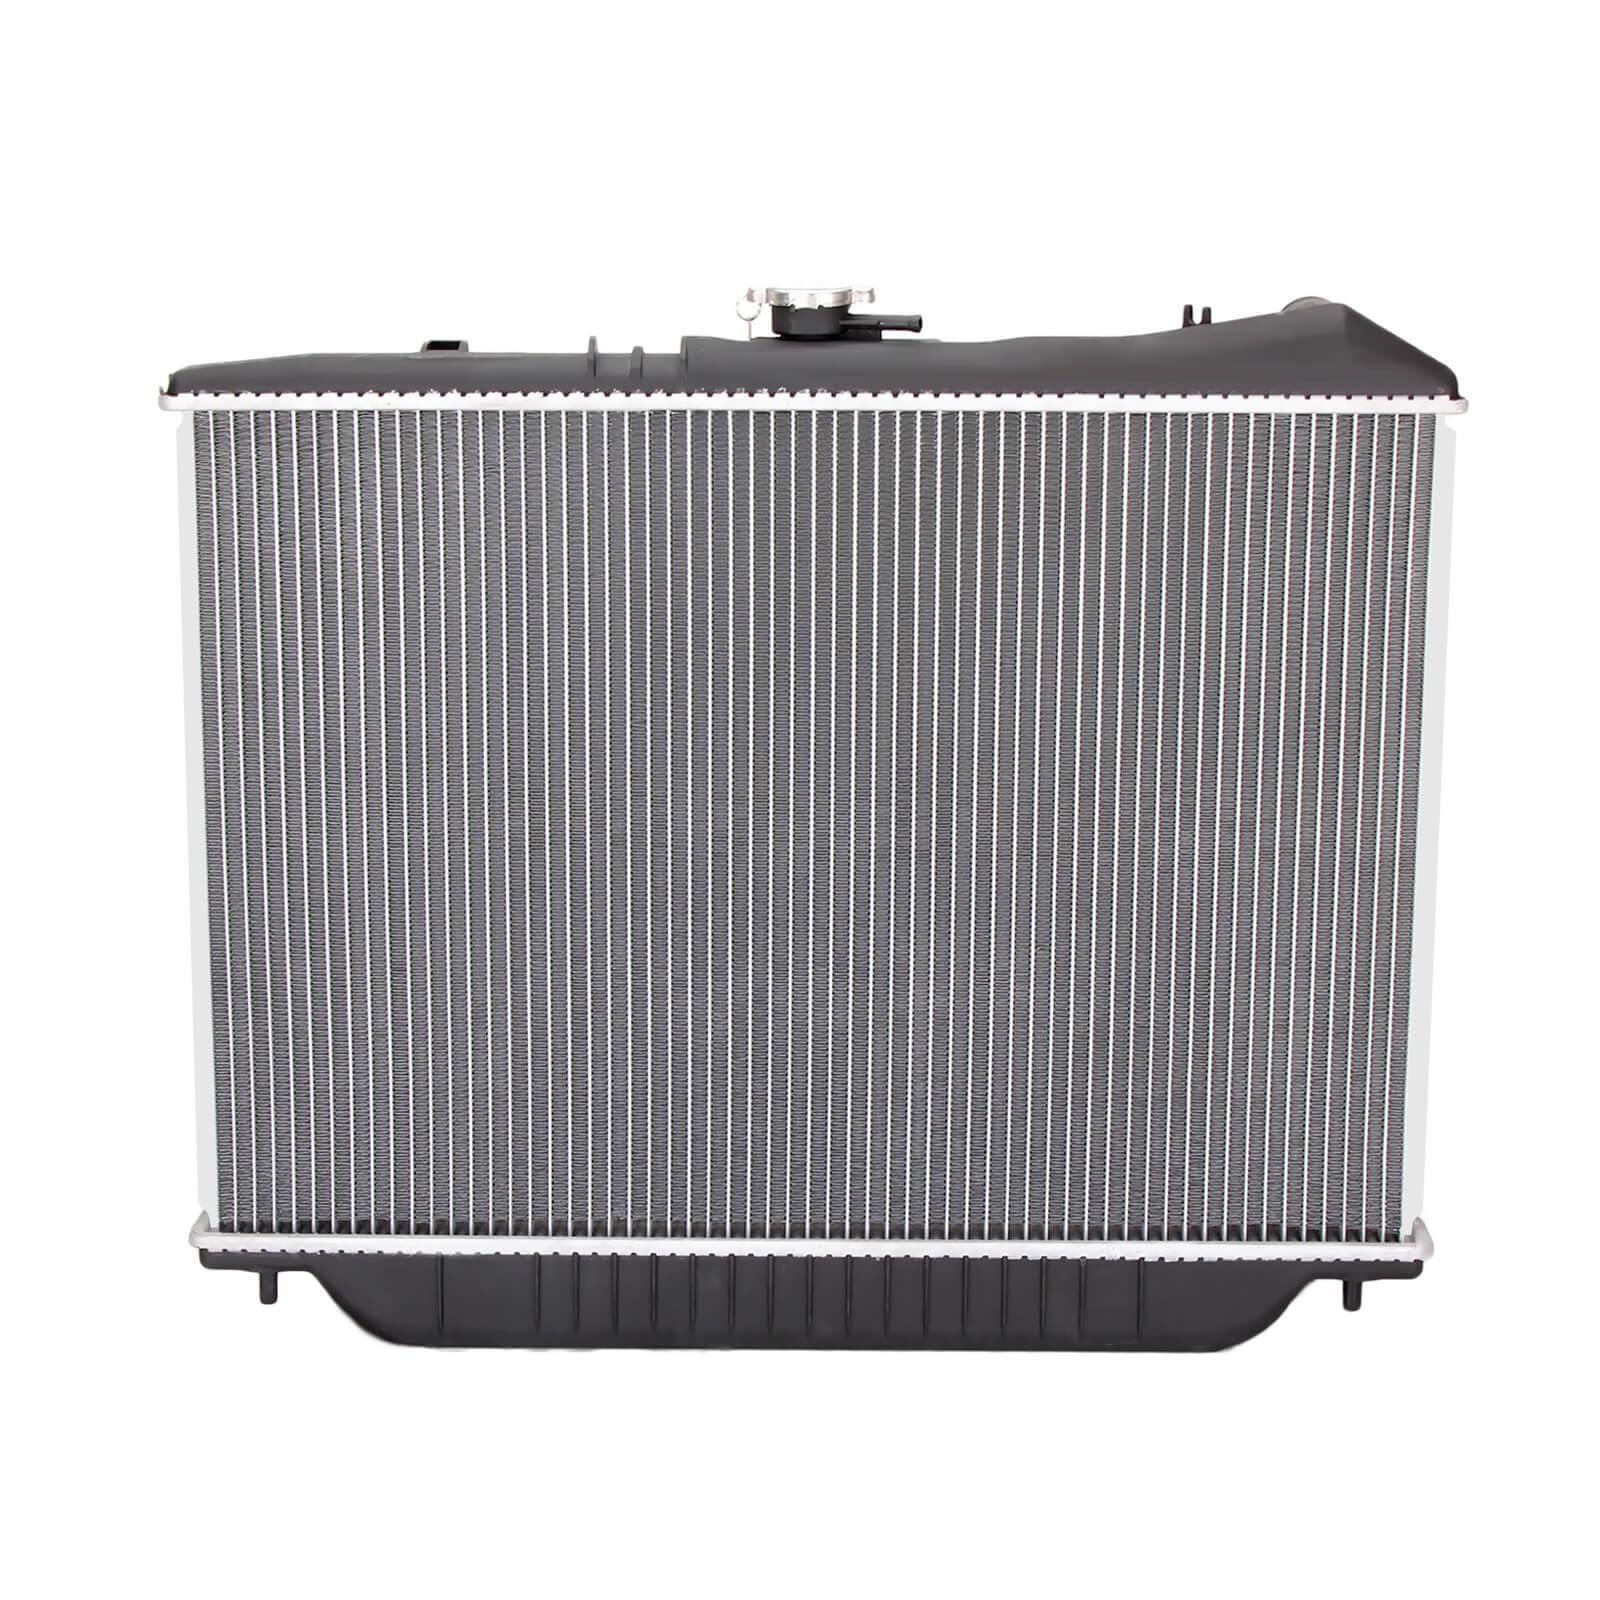 Aluminum Radiator for HONDA PASSPORT ISUZU RODEO VEHICROSS 8524759590 1571